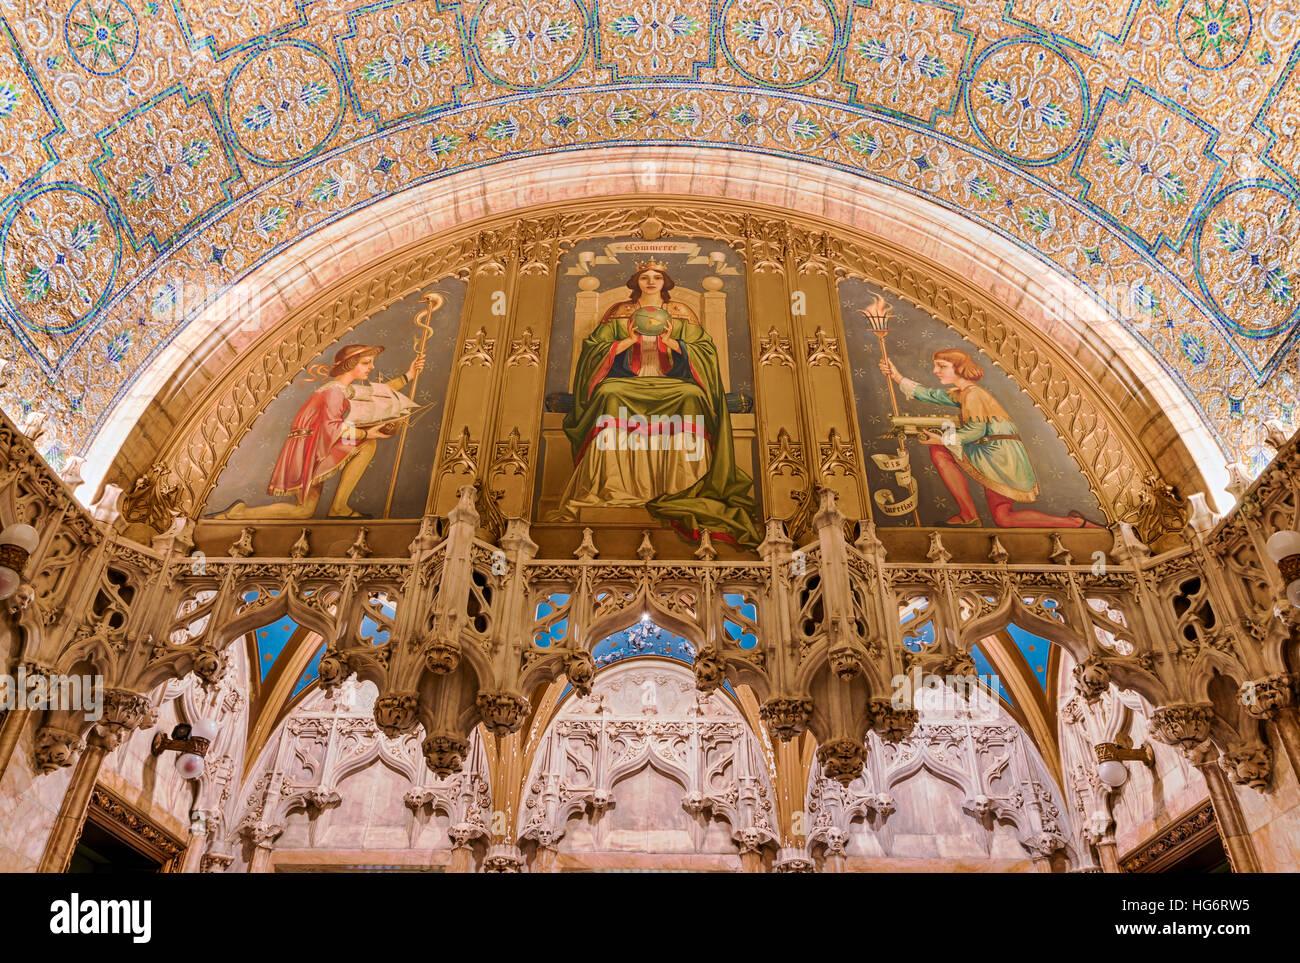 Détails de l'architecture d'intérieur le hall de l'édifice historique Woolworth Building Photo Stock